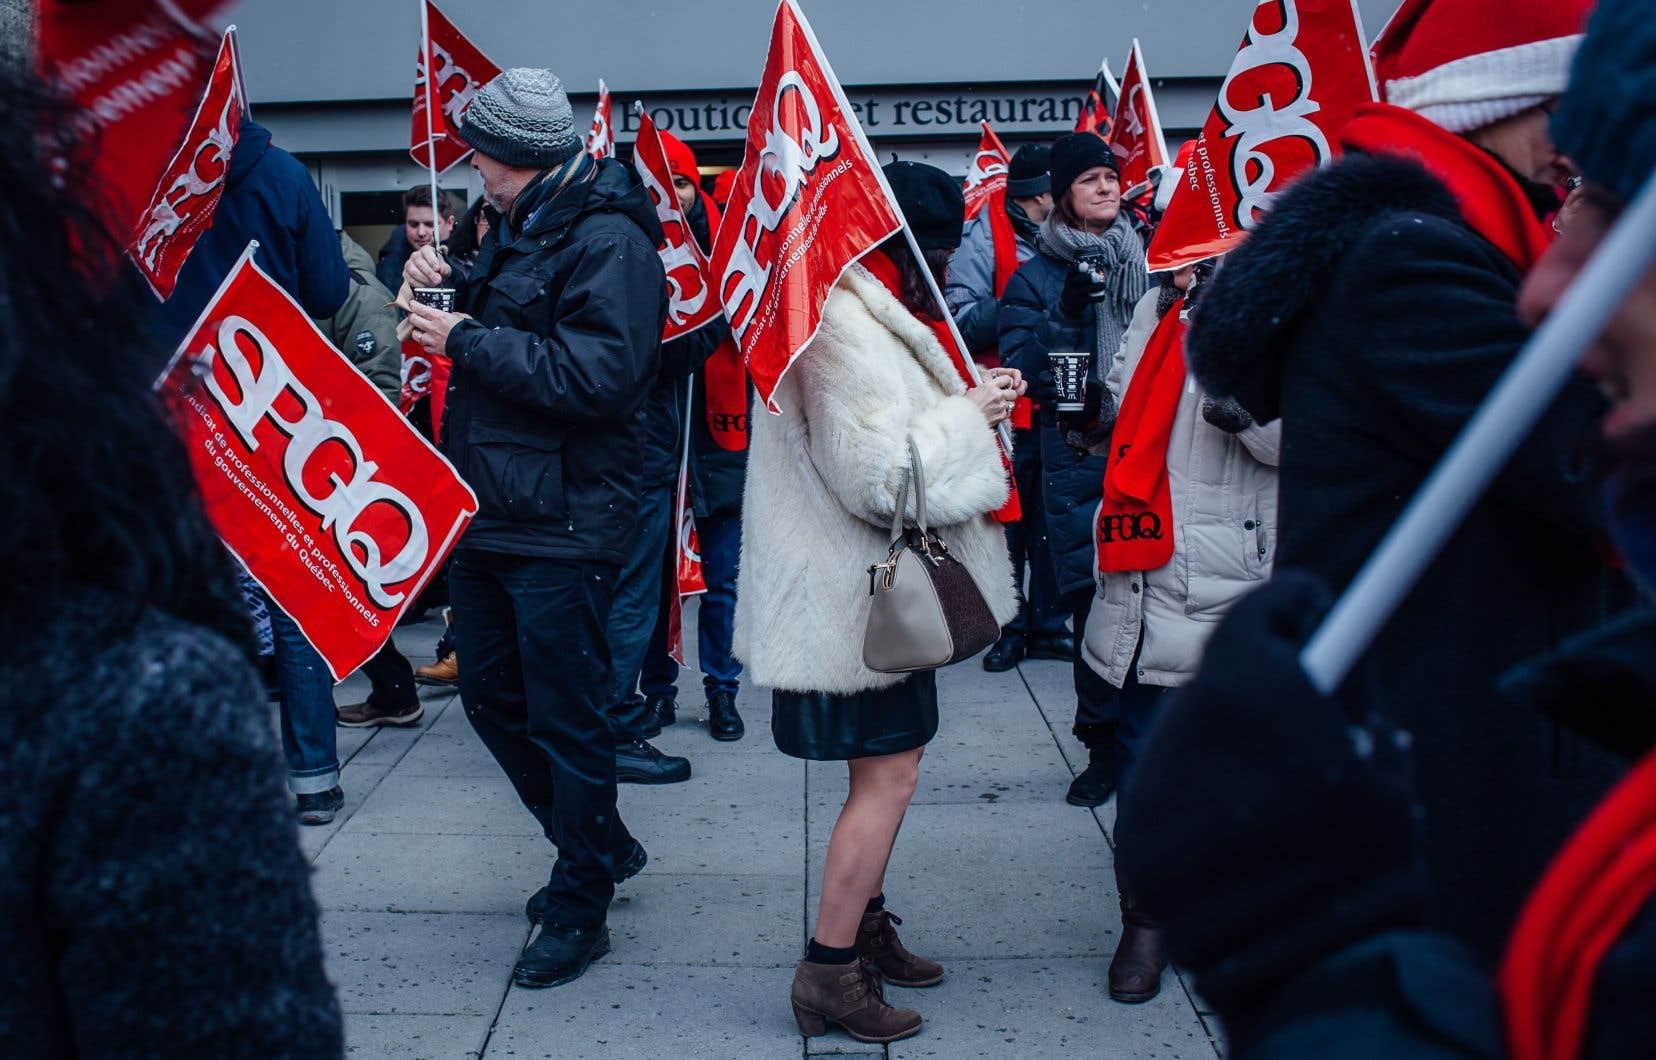 Une manifestation a eu lieu mardi, à Montréal, devant le Complexe Desjardins.